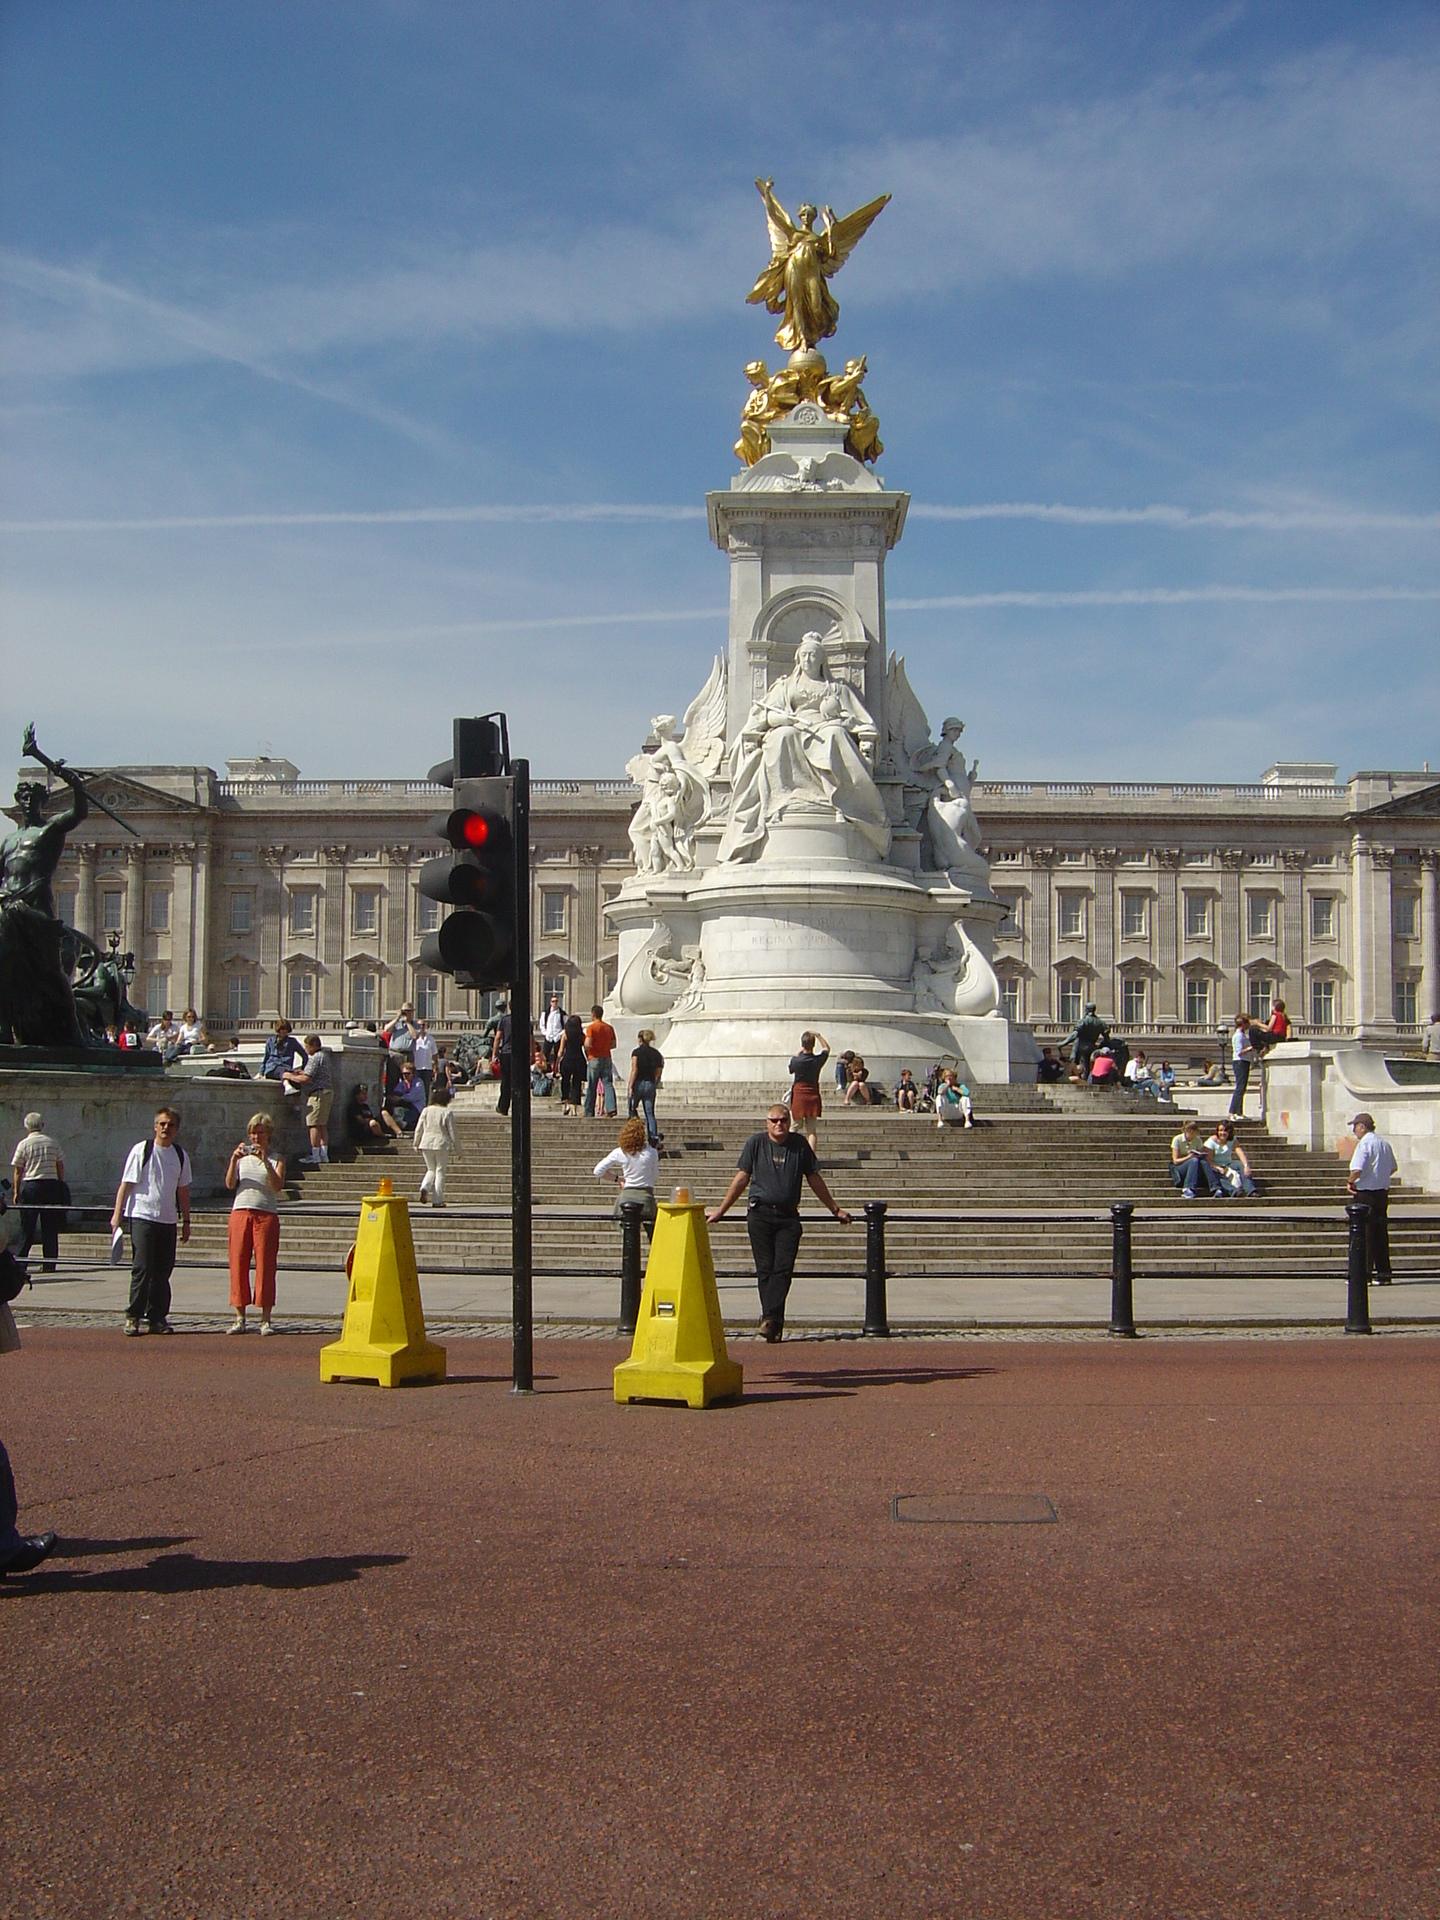 Buckingham Palace - London Photo (540405) - Fanpop